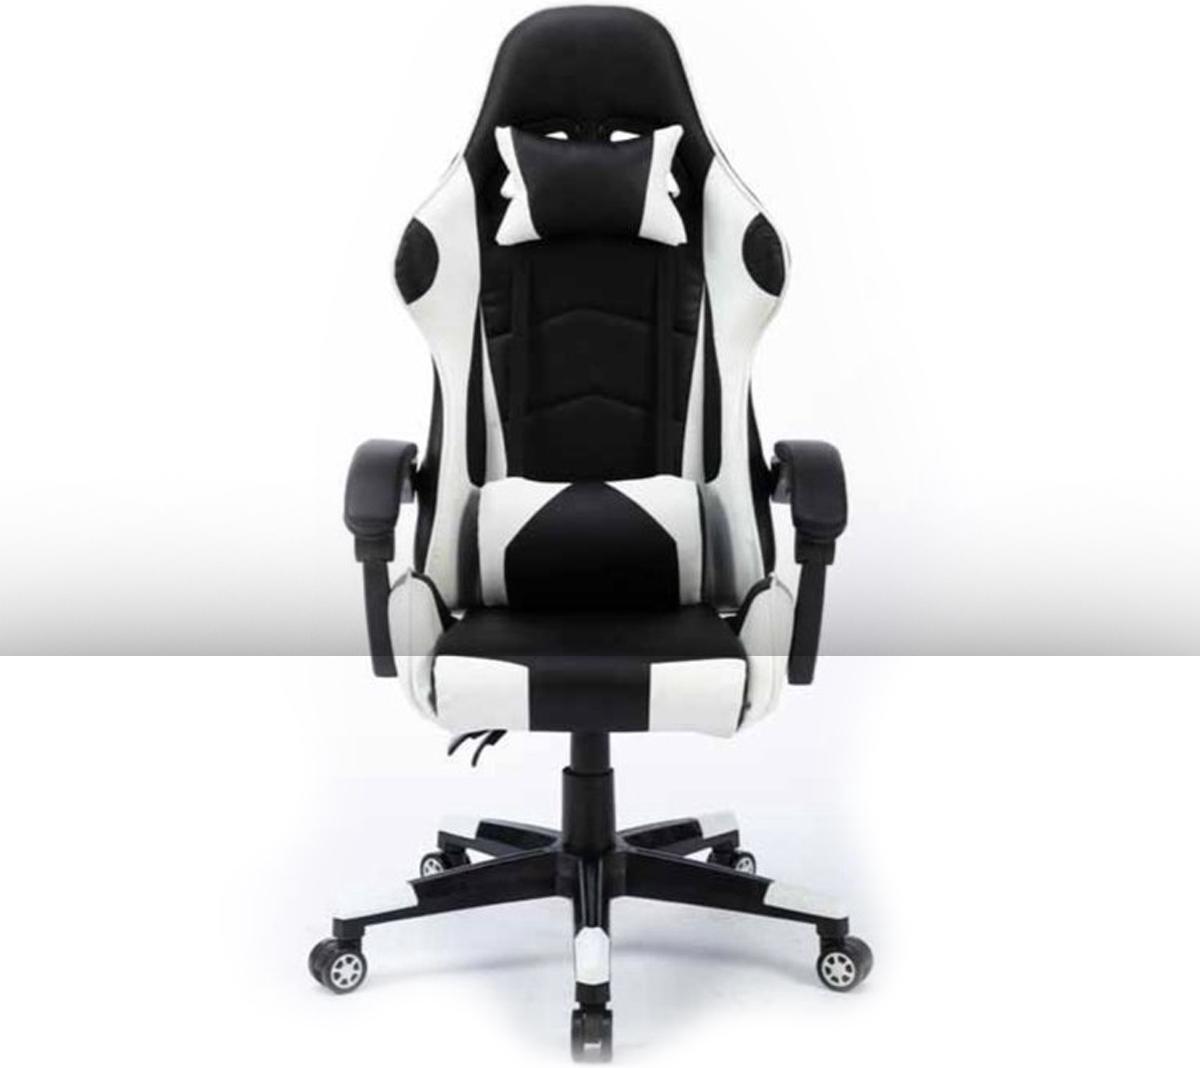 Ocazi Gamestoel / Bureaustoel   Ergonomisch   Gaming Chair   Gaming Stoel   Volwassenen/Kind   Met N